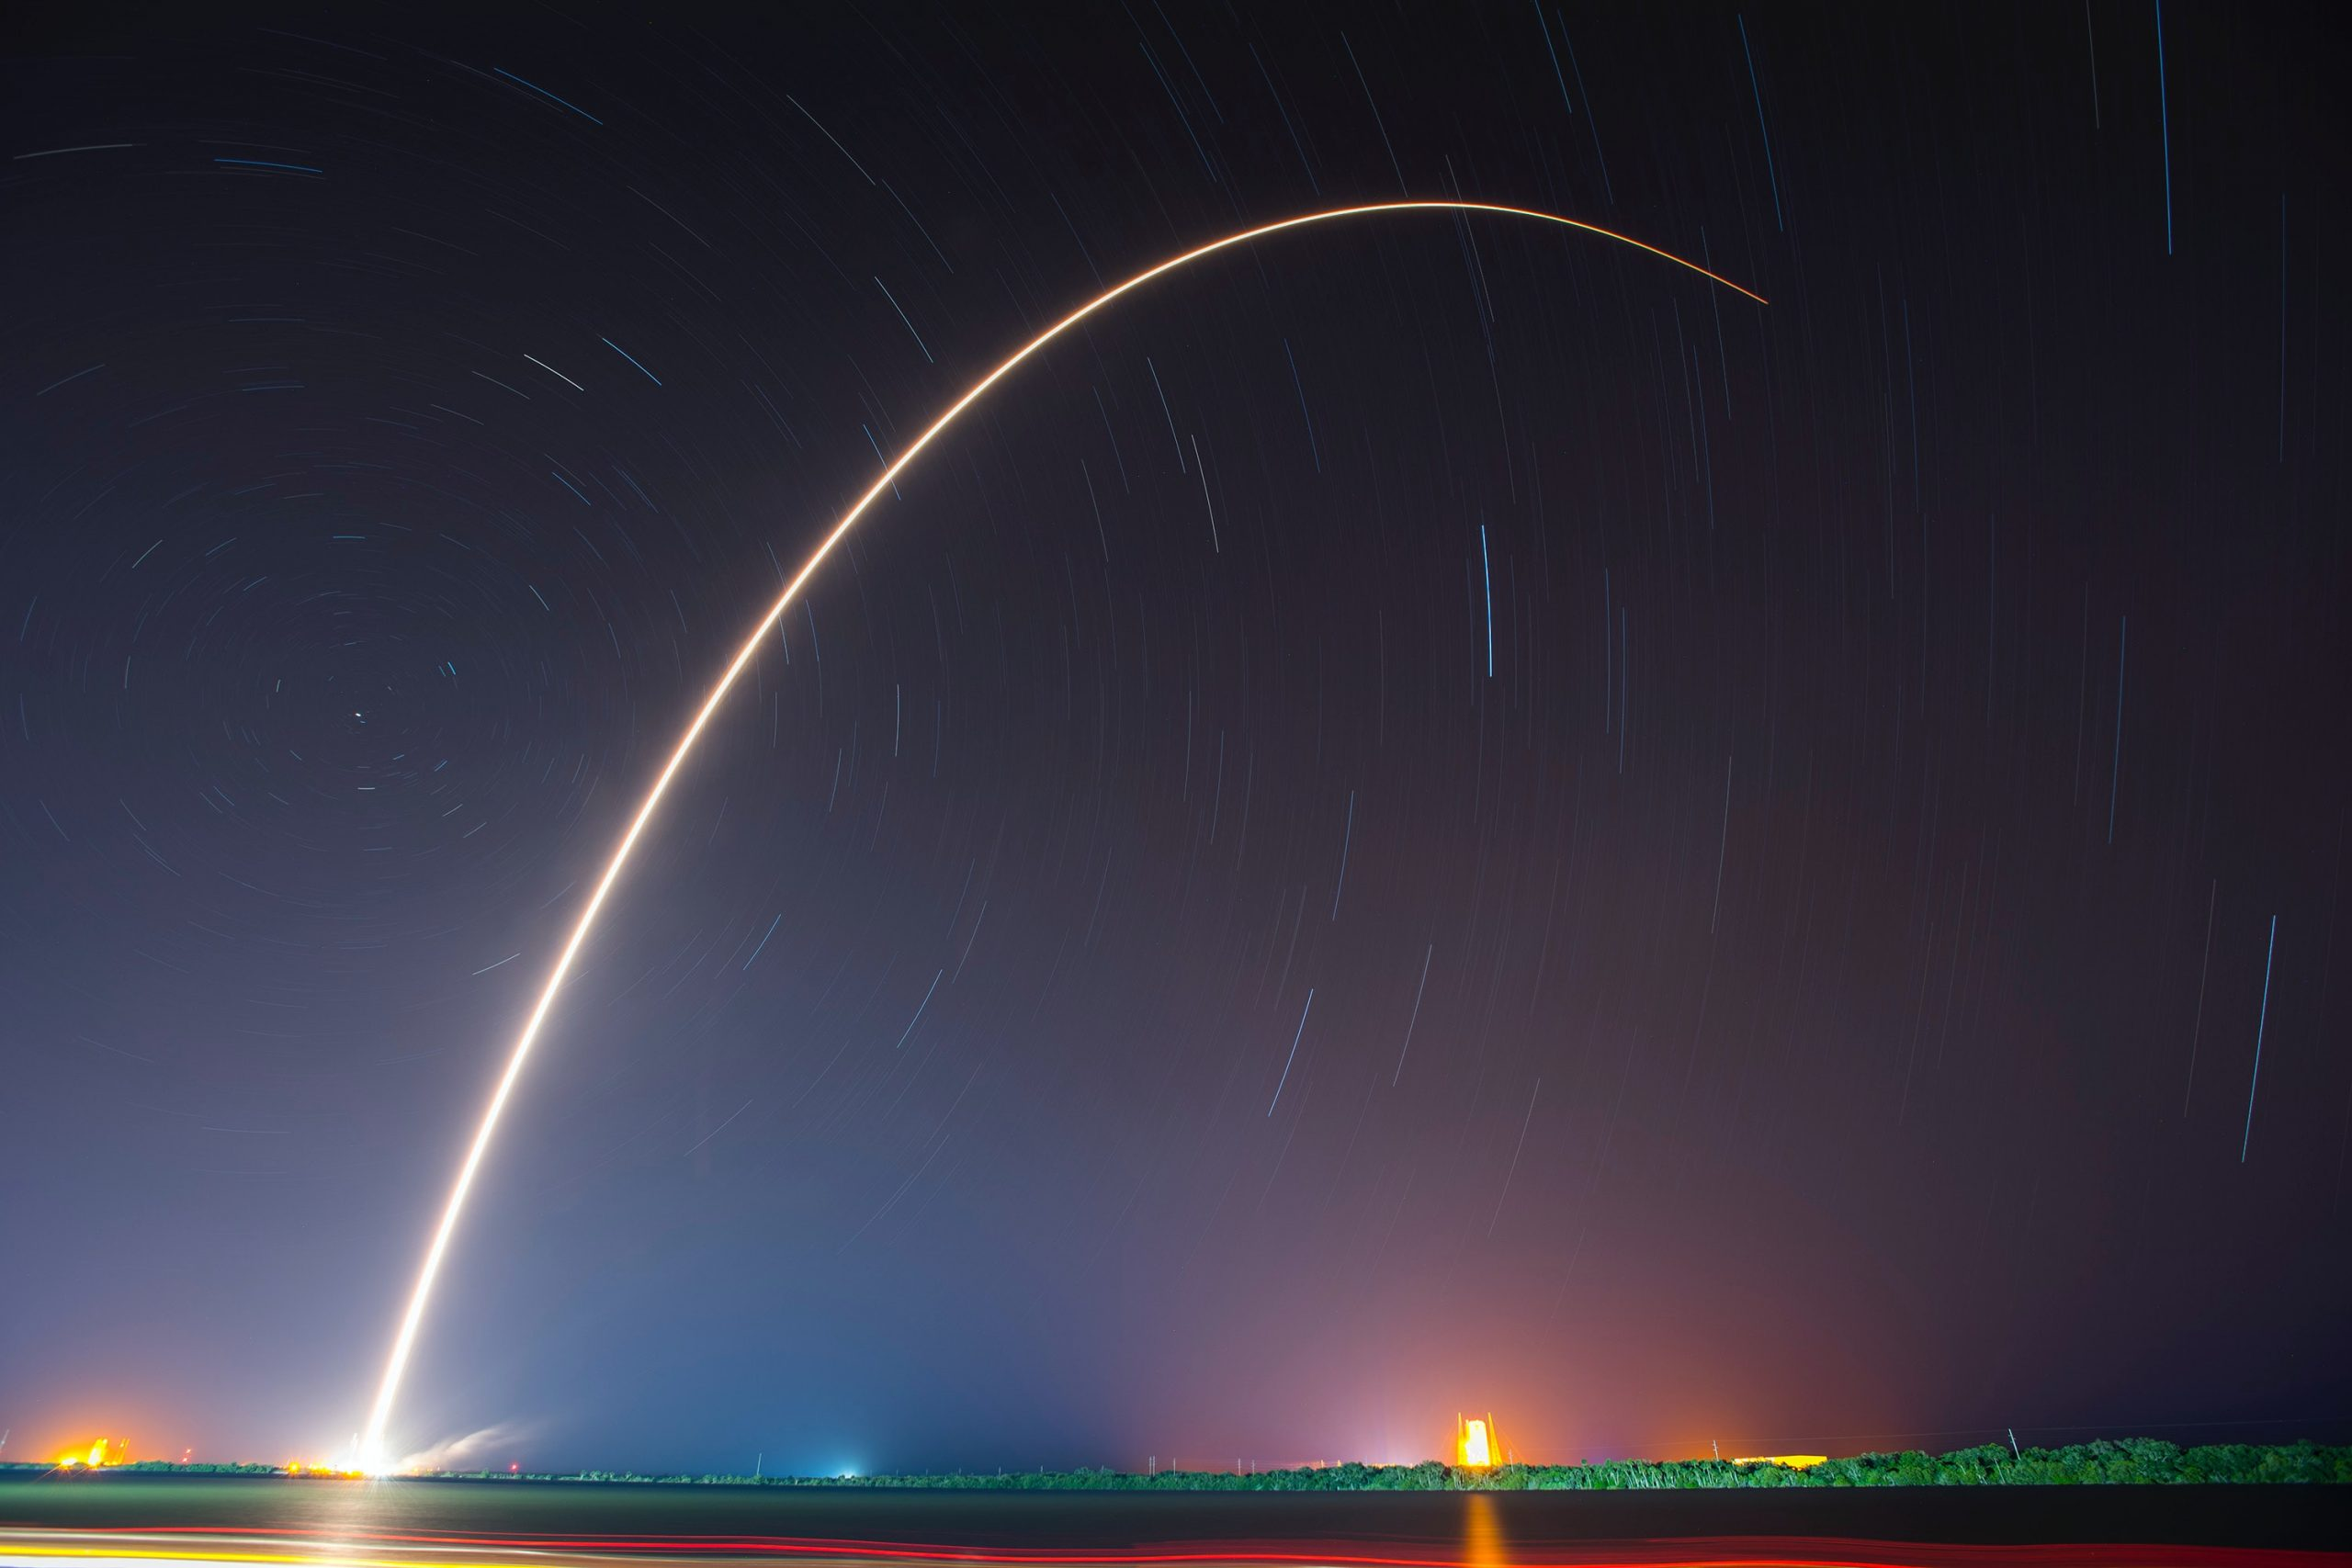 Raketa od SpaceX na kvapalný pohon bola prvá svojho druhu na obežnej dráhe